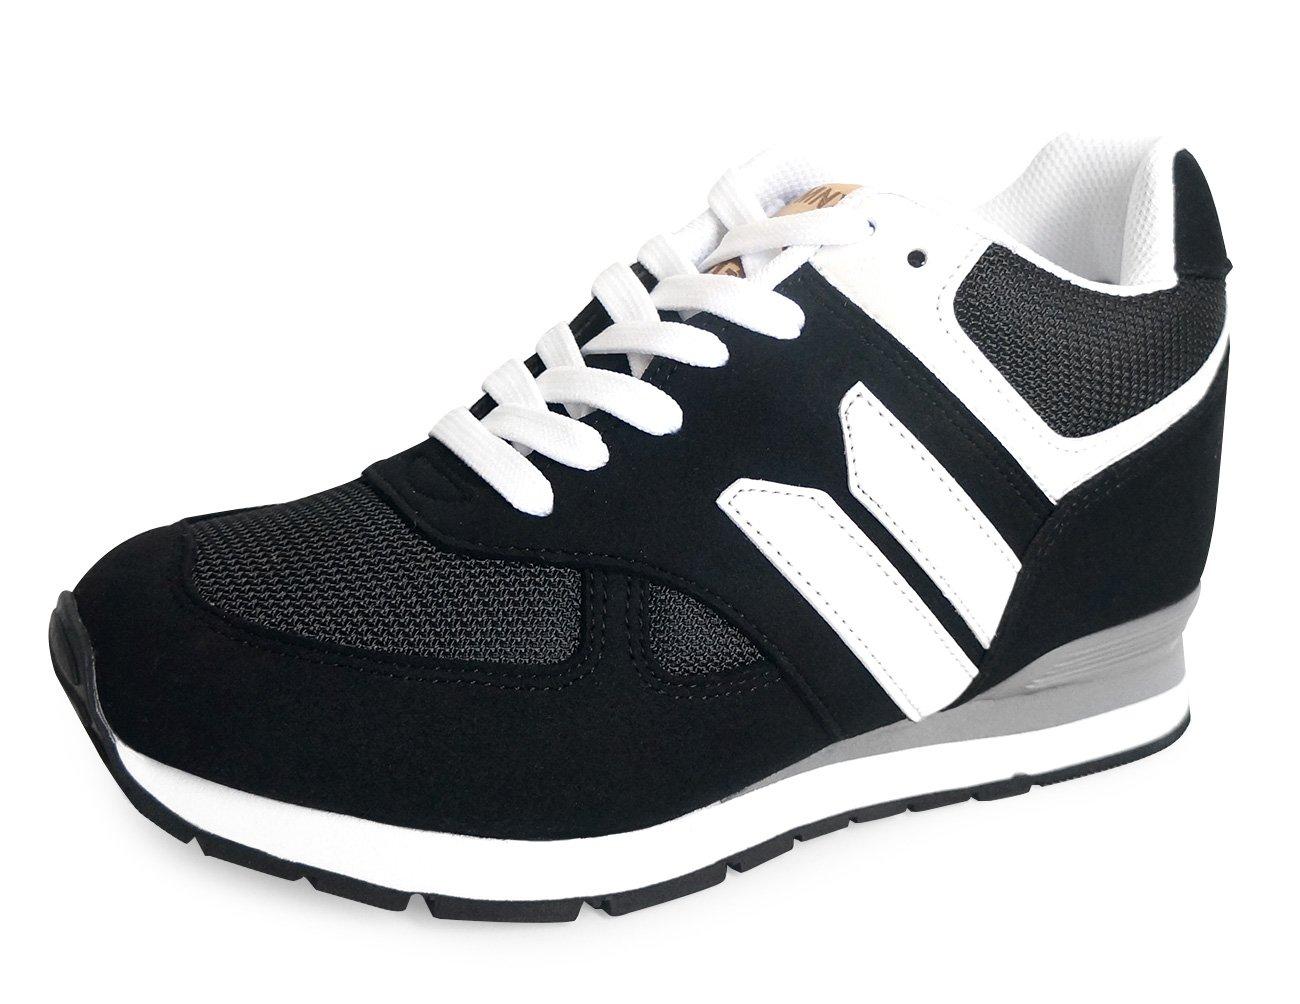 MNX15 Women's Elevator Shoes Height Increase 3.5'' ROBIN BLACK Wedge Sneakers High Heel Sneakers (6 D(M)US / 230mm(KOR), black)